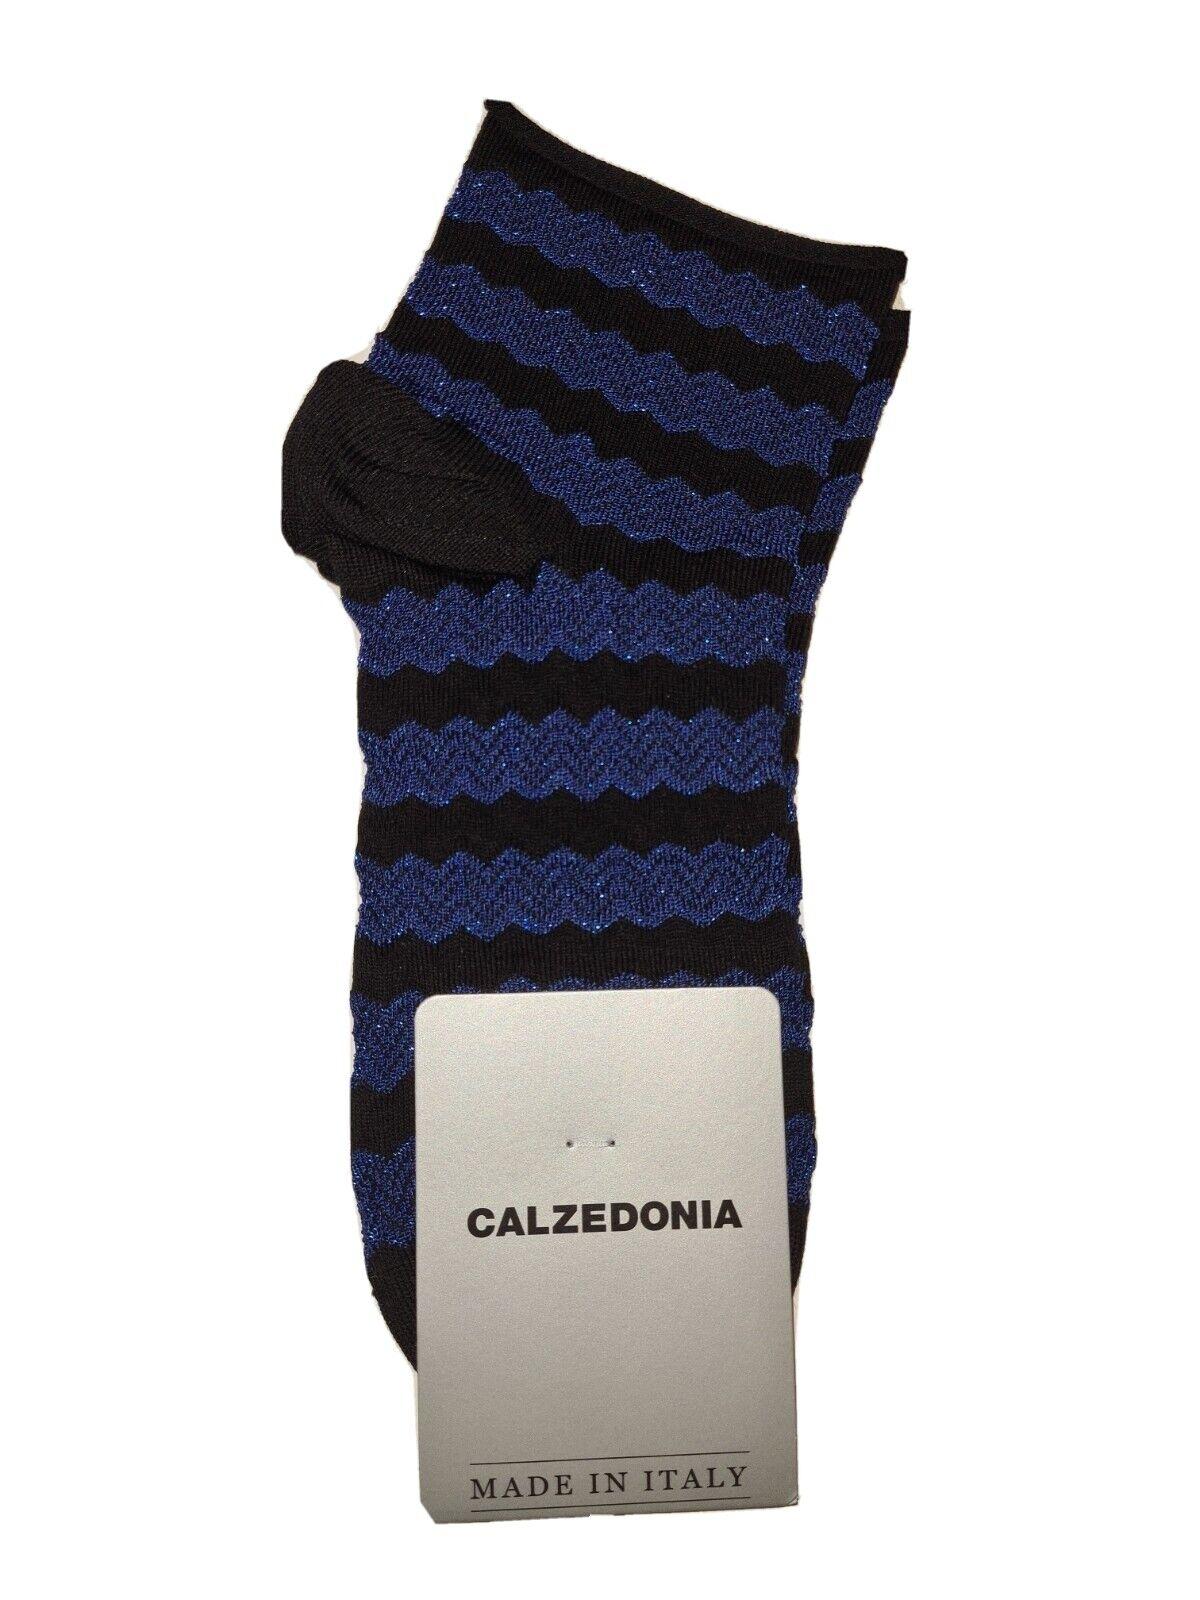 Calzedonia Socken blau-schwarz, Neu, Ovp